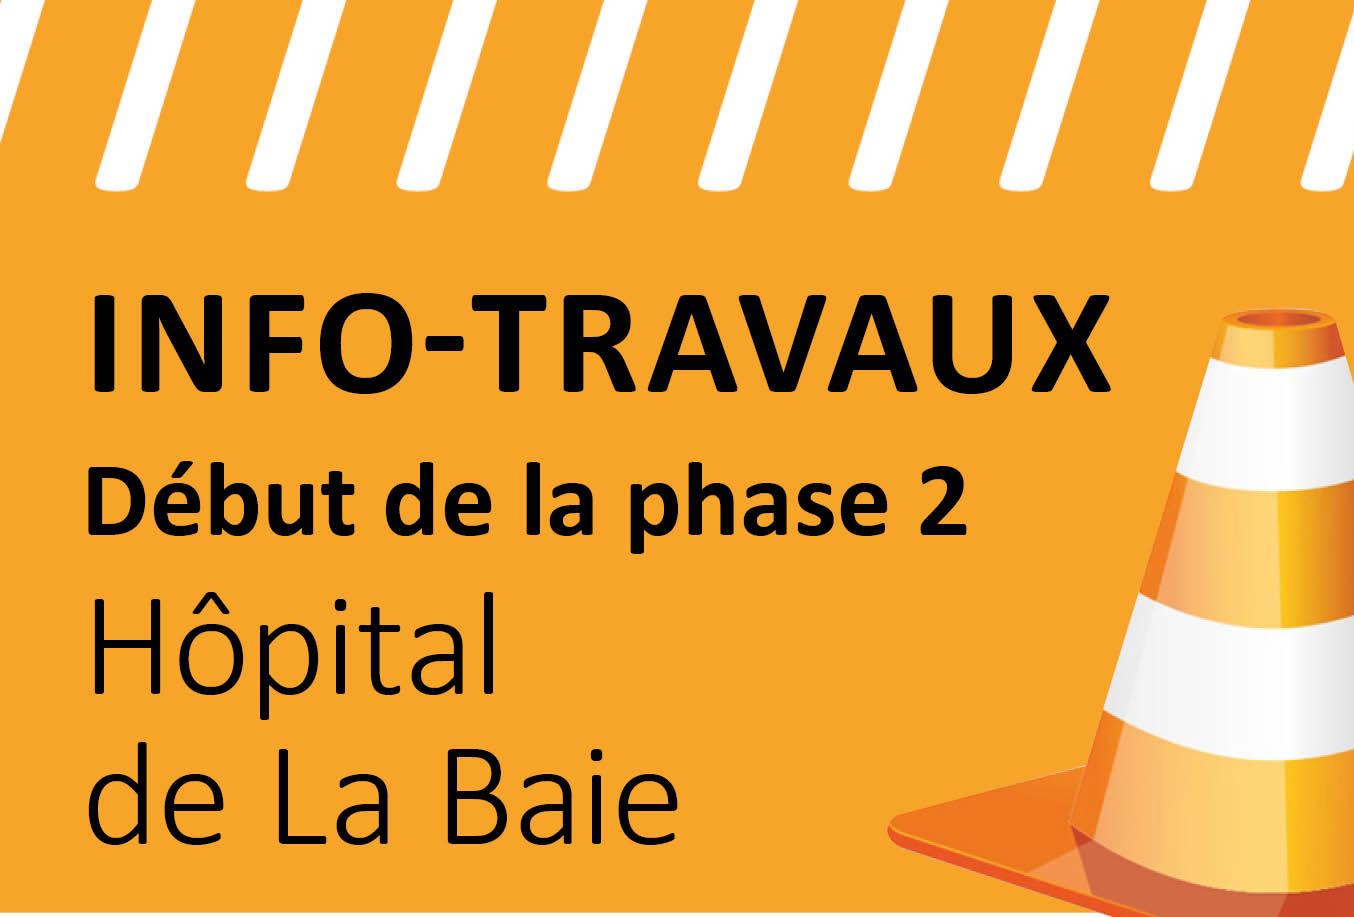 Reprise des travaux de l'Hôpital de La Baie